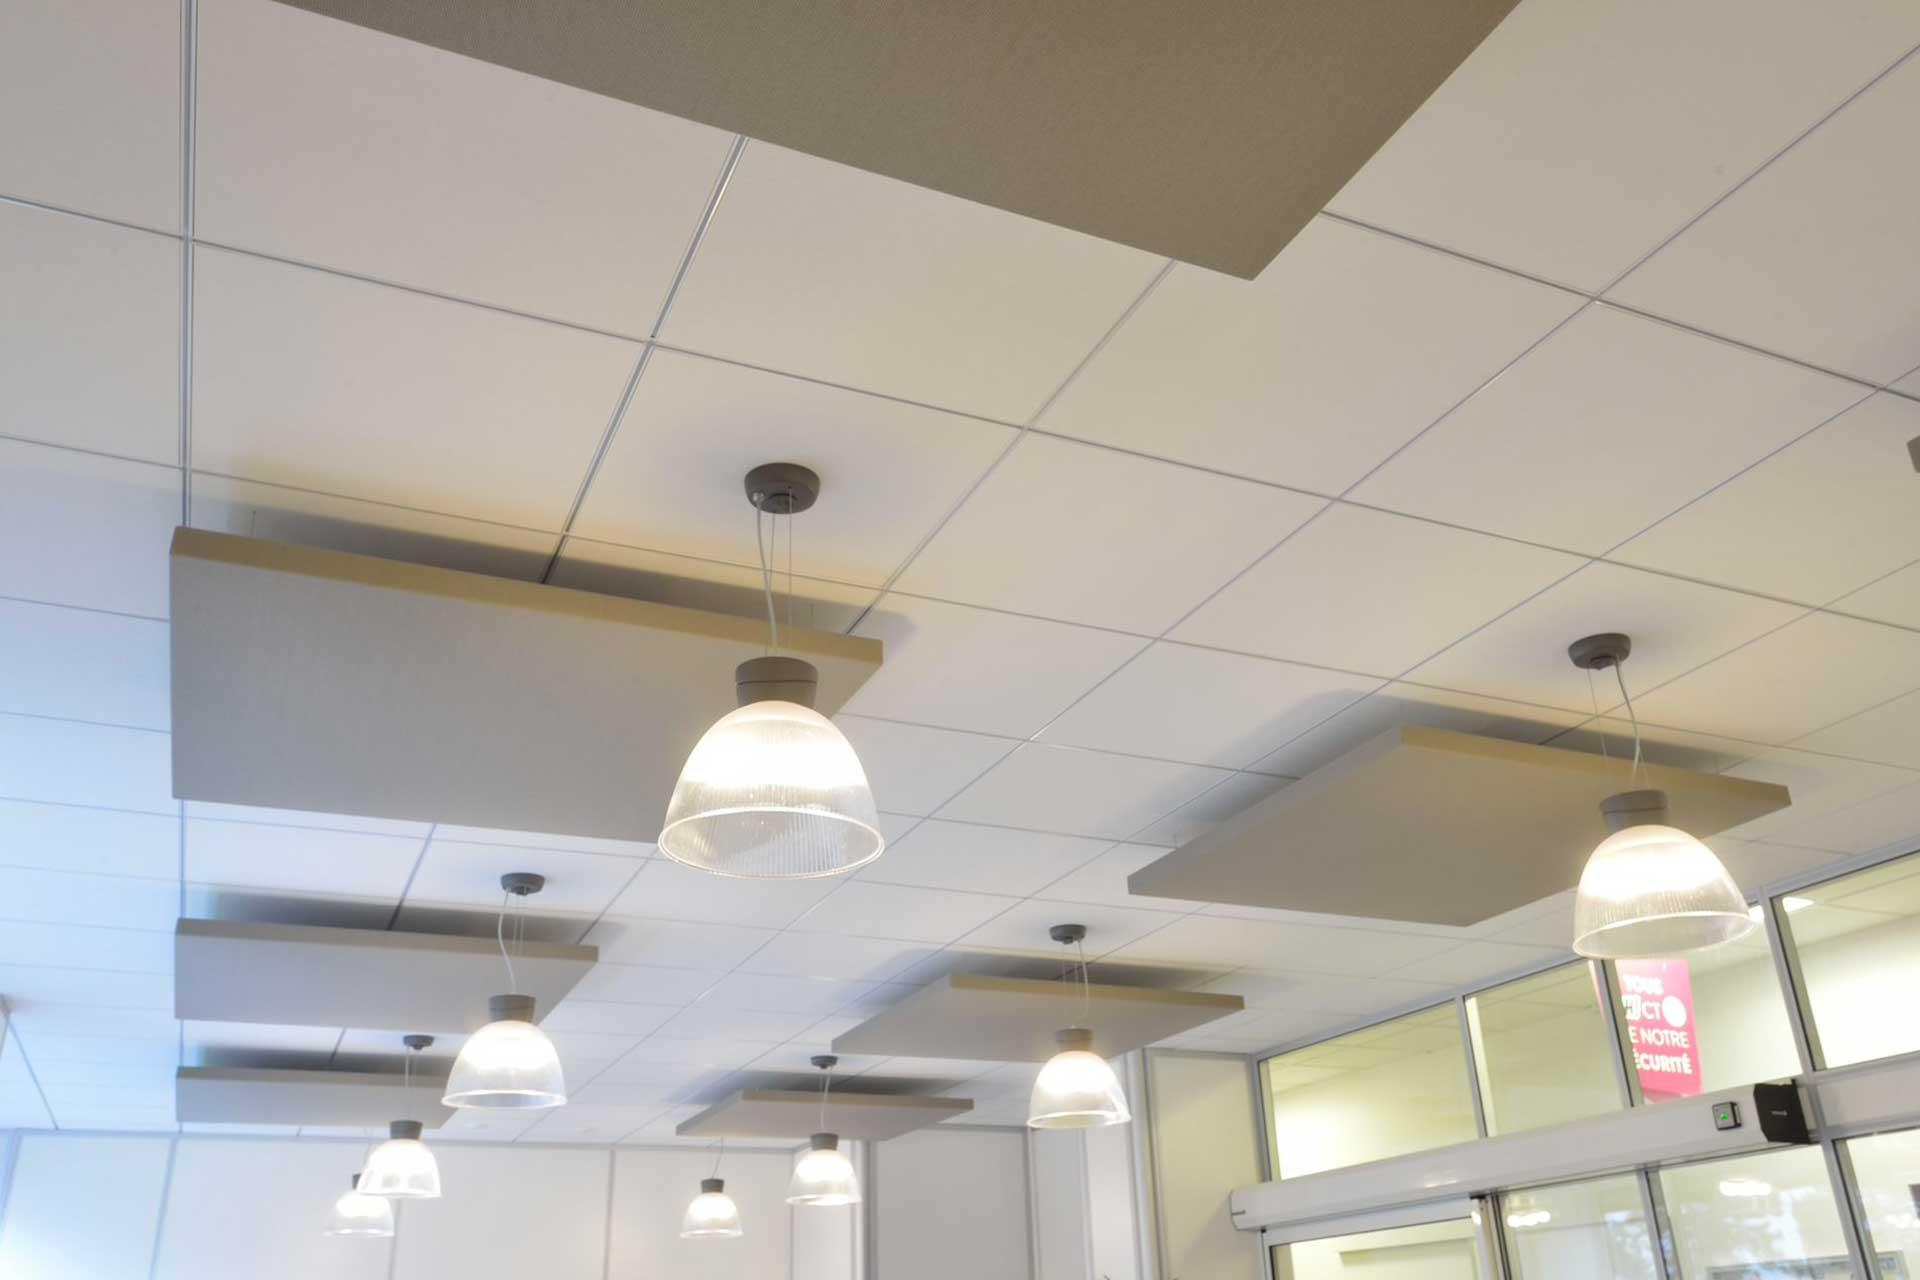 Plafonds suspendus démontables dalles phoniques ossature joints creux